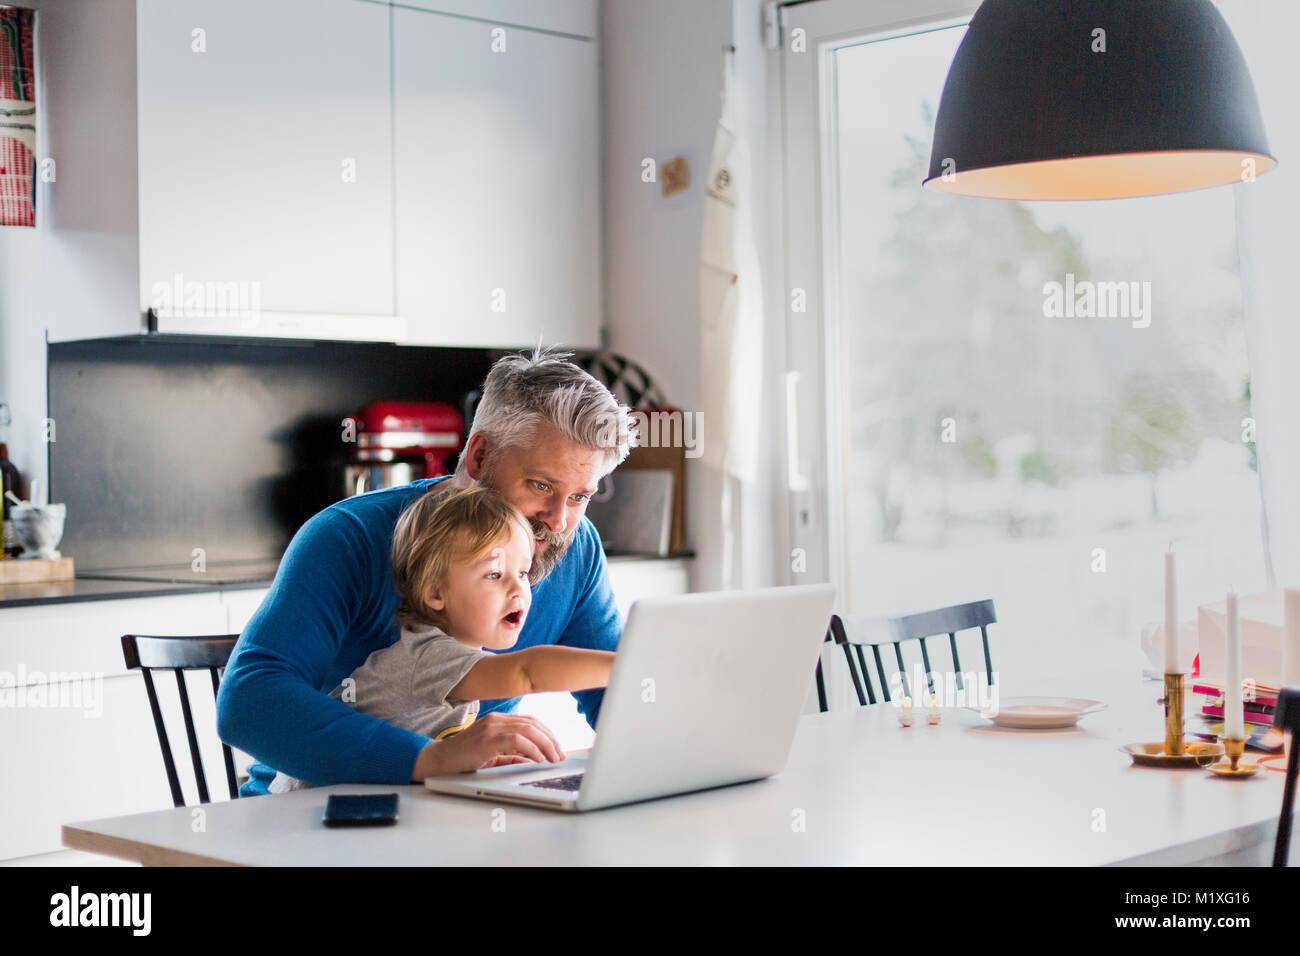 L'homme et l'enfant jouant avec un ordinateur portable dans la cuisine Photo Stock